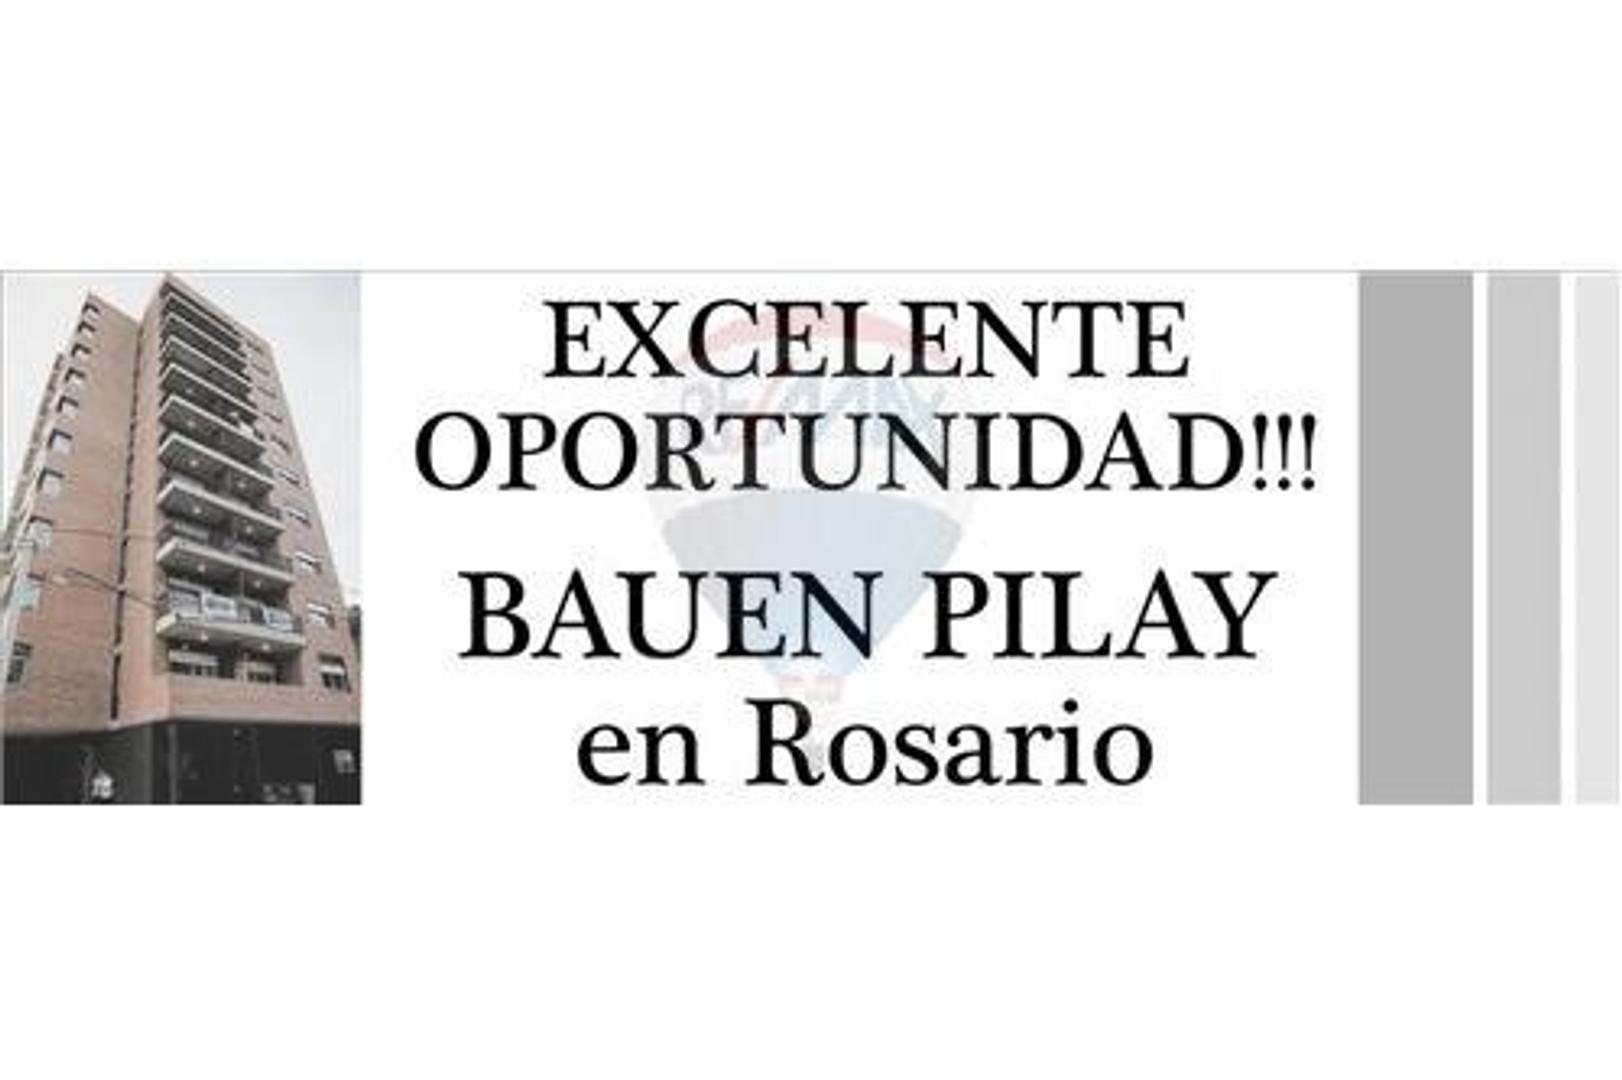 Bauen Pilay 1 Dormitorio, 55m2. 25% DESCUENTO